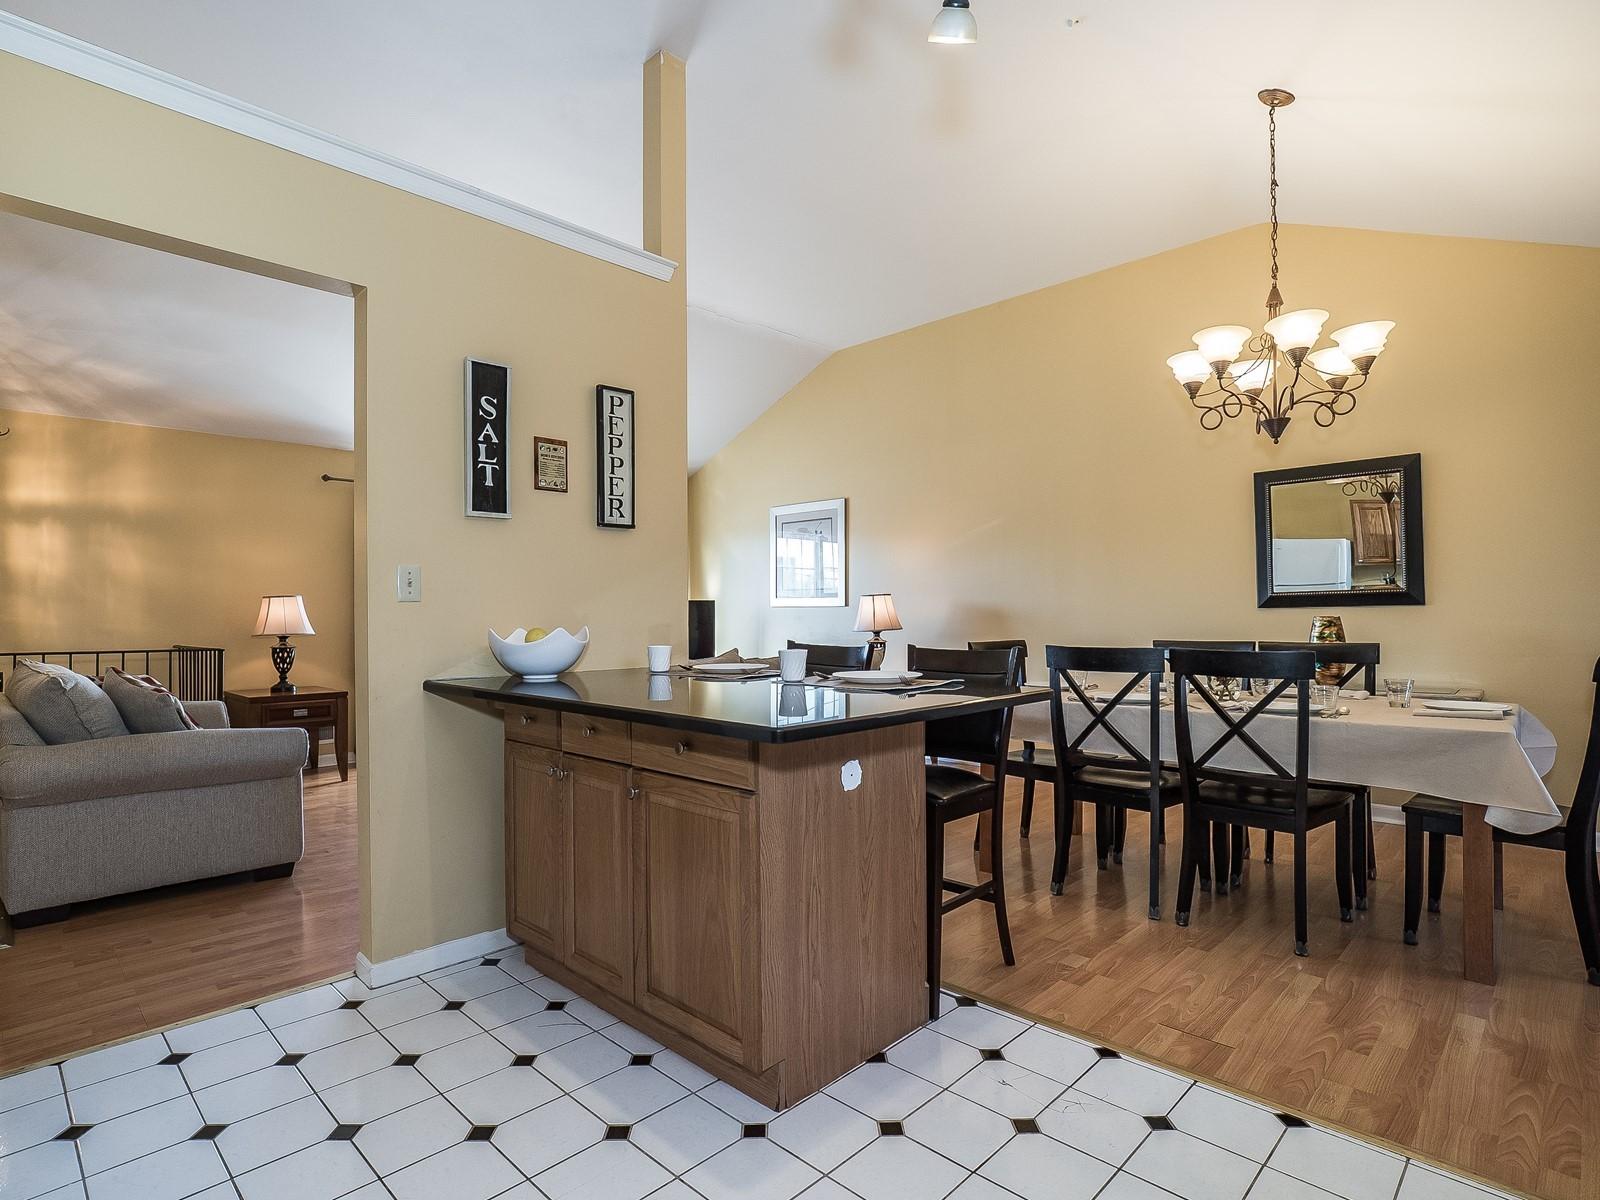 9_Furnished-House-Woodbridge_DiningRoom3